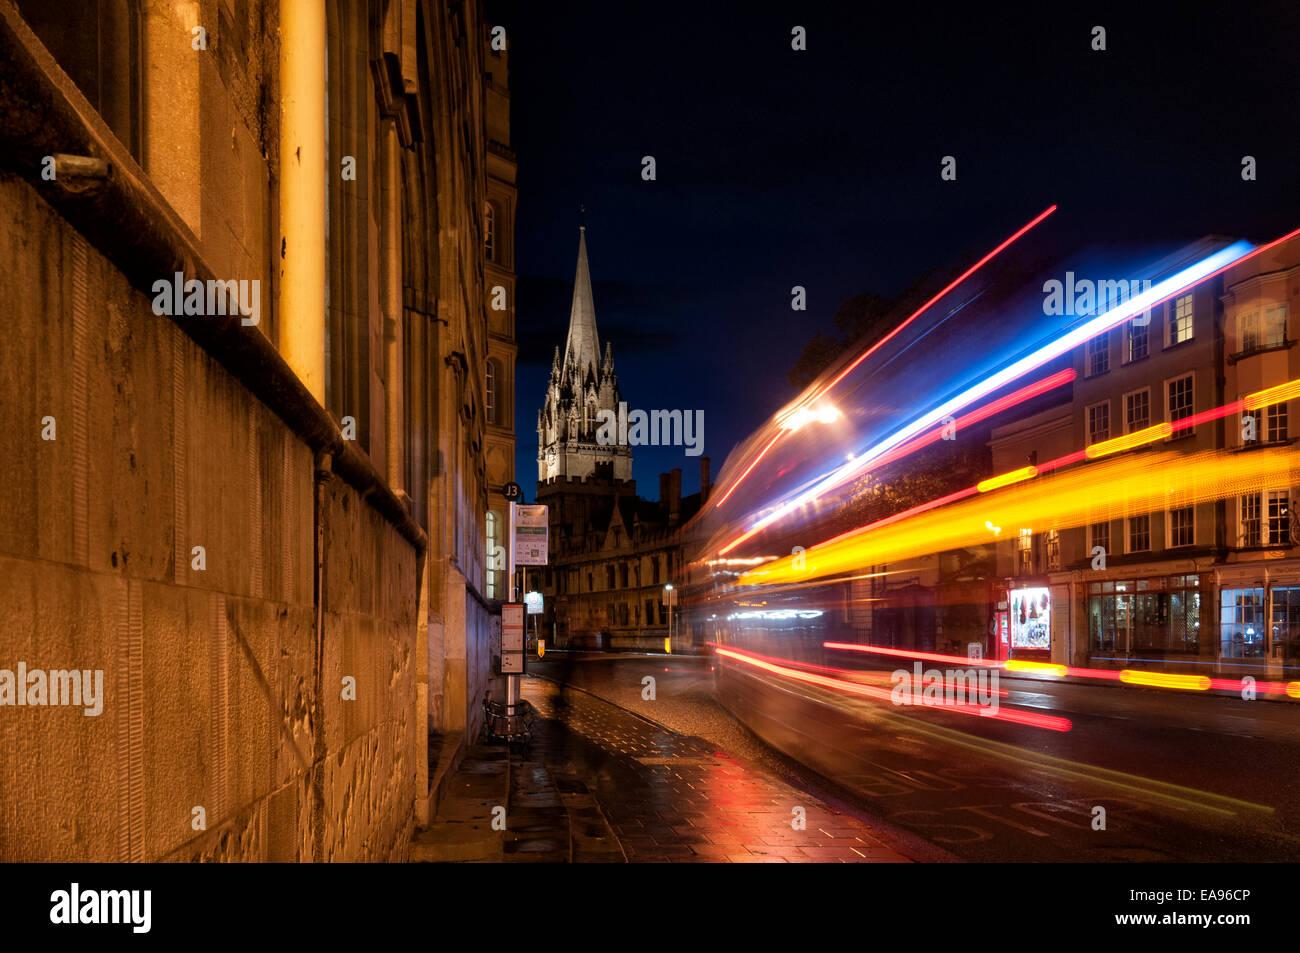 Oxford high street la nuit avec des stries de lumière à partir d'un bus qui passe Photo Stock